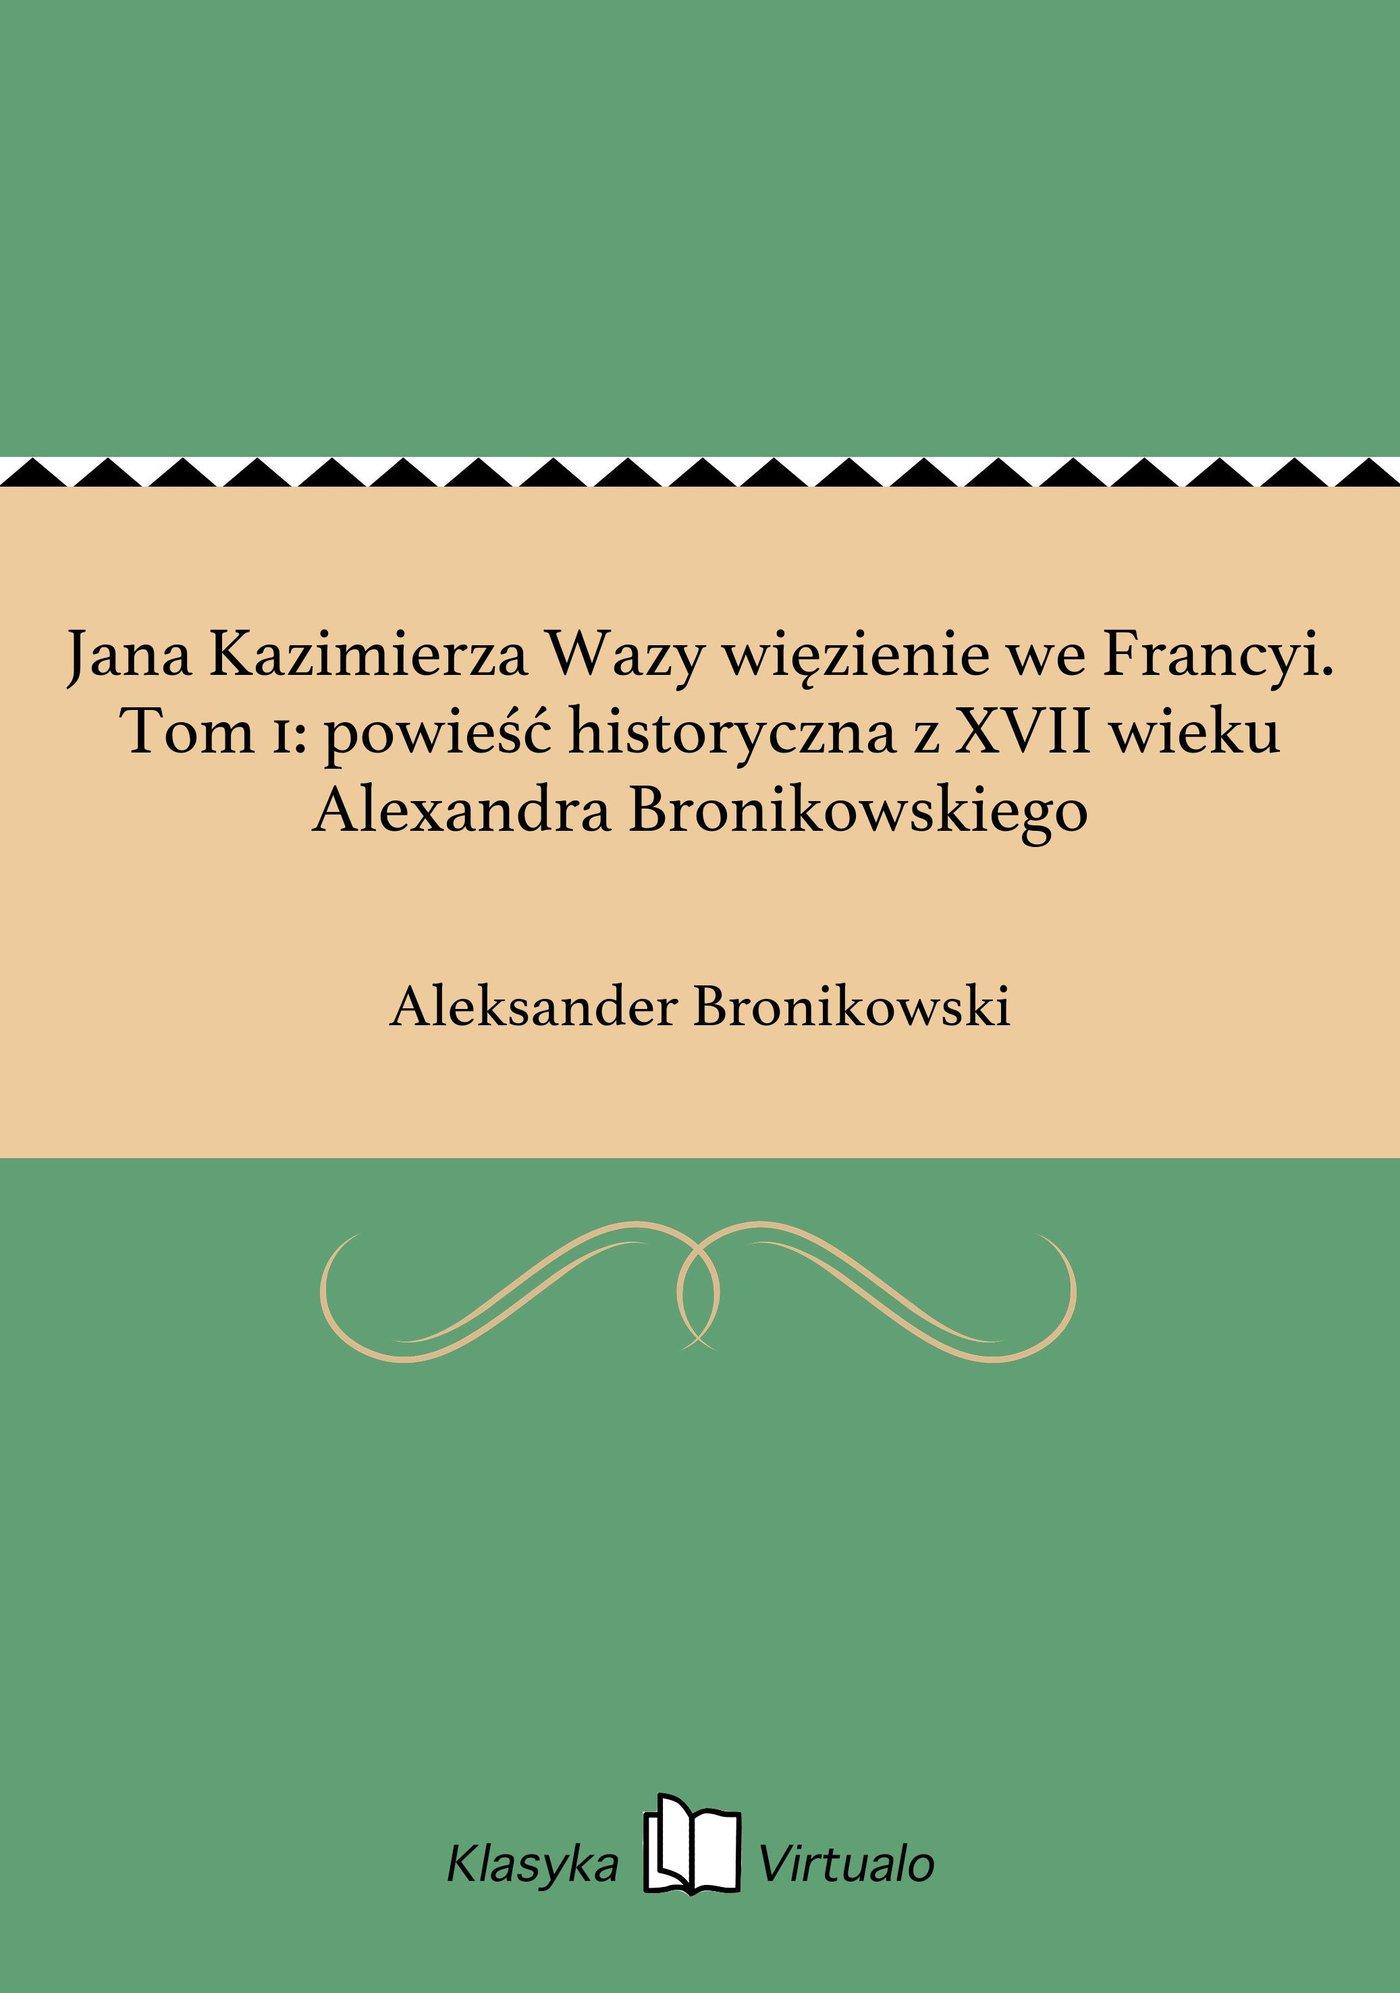 Jana Kazimierza Wazy więzienie we Francyi. Tom 1: powieść historyczna z XVII wieku Alexandra Bronikowskiego - Ebook (Książka EPUB) do pobrania w formacie EPUB